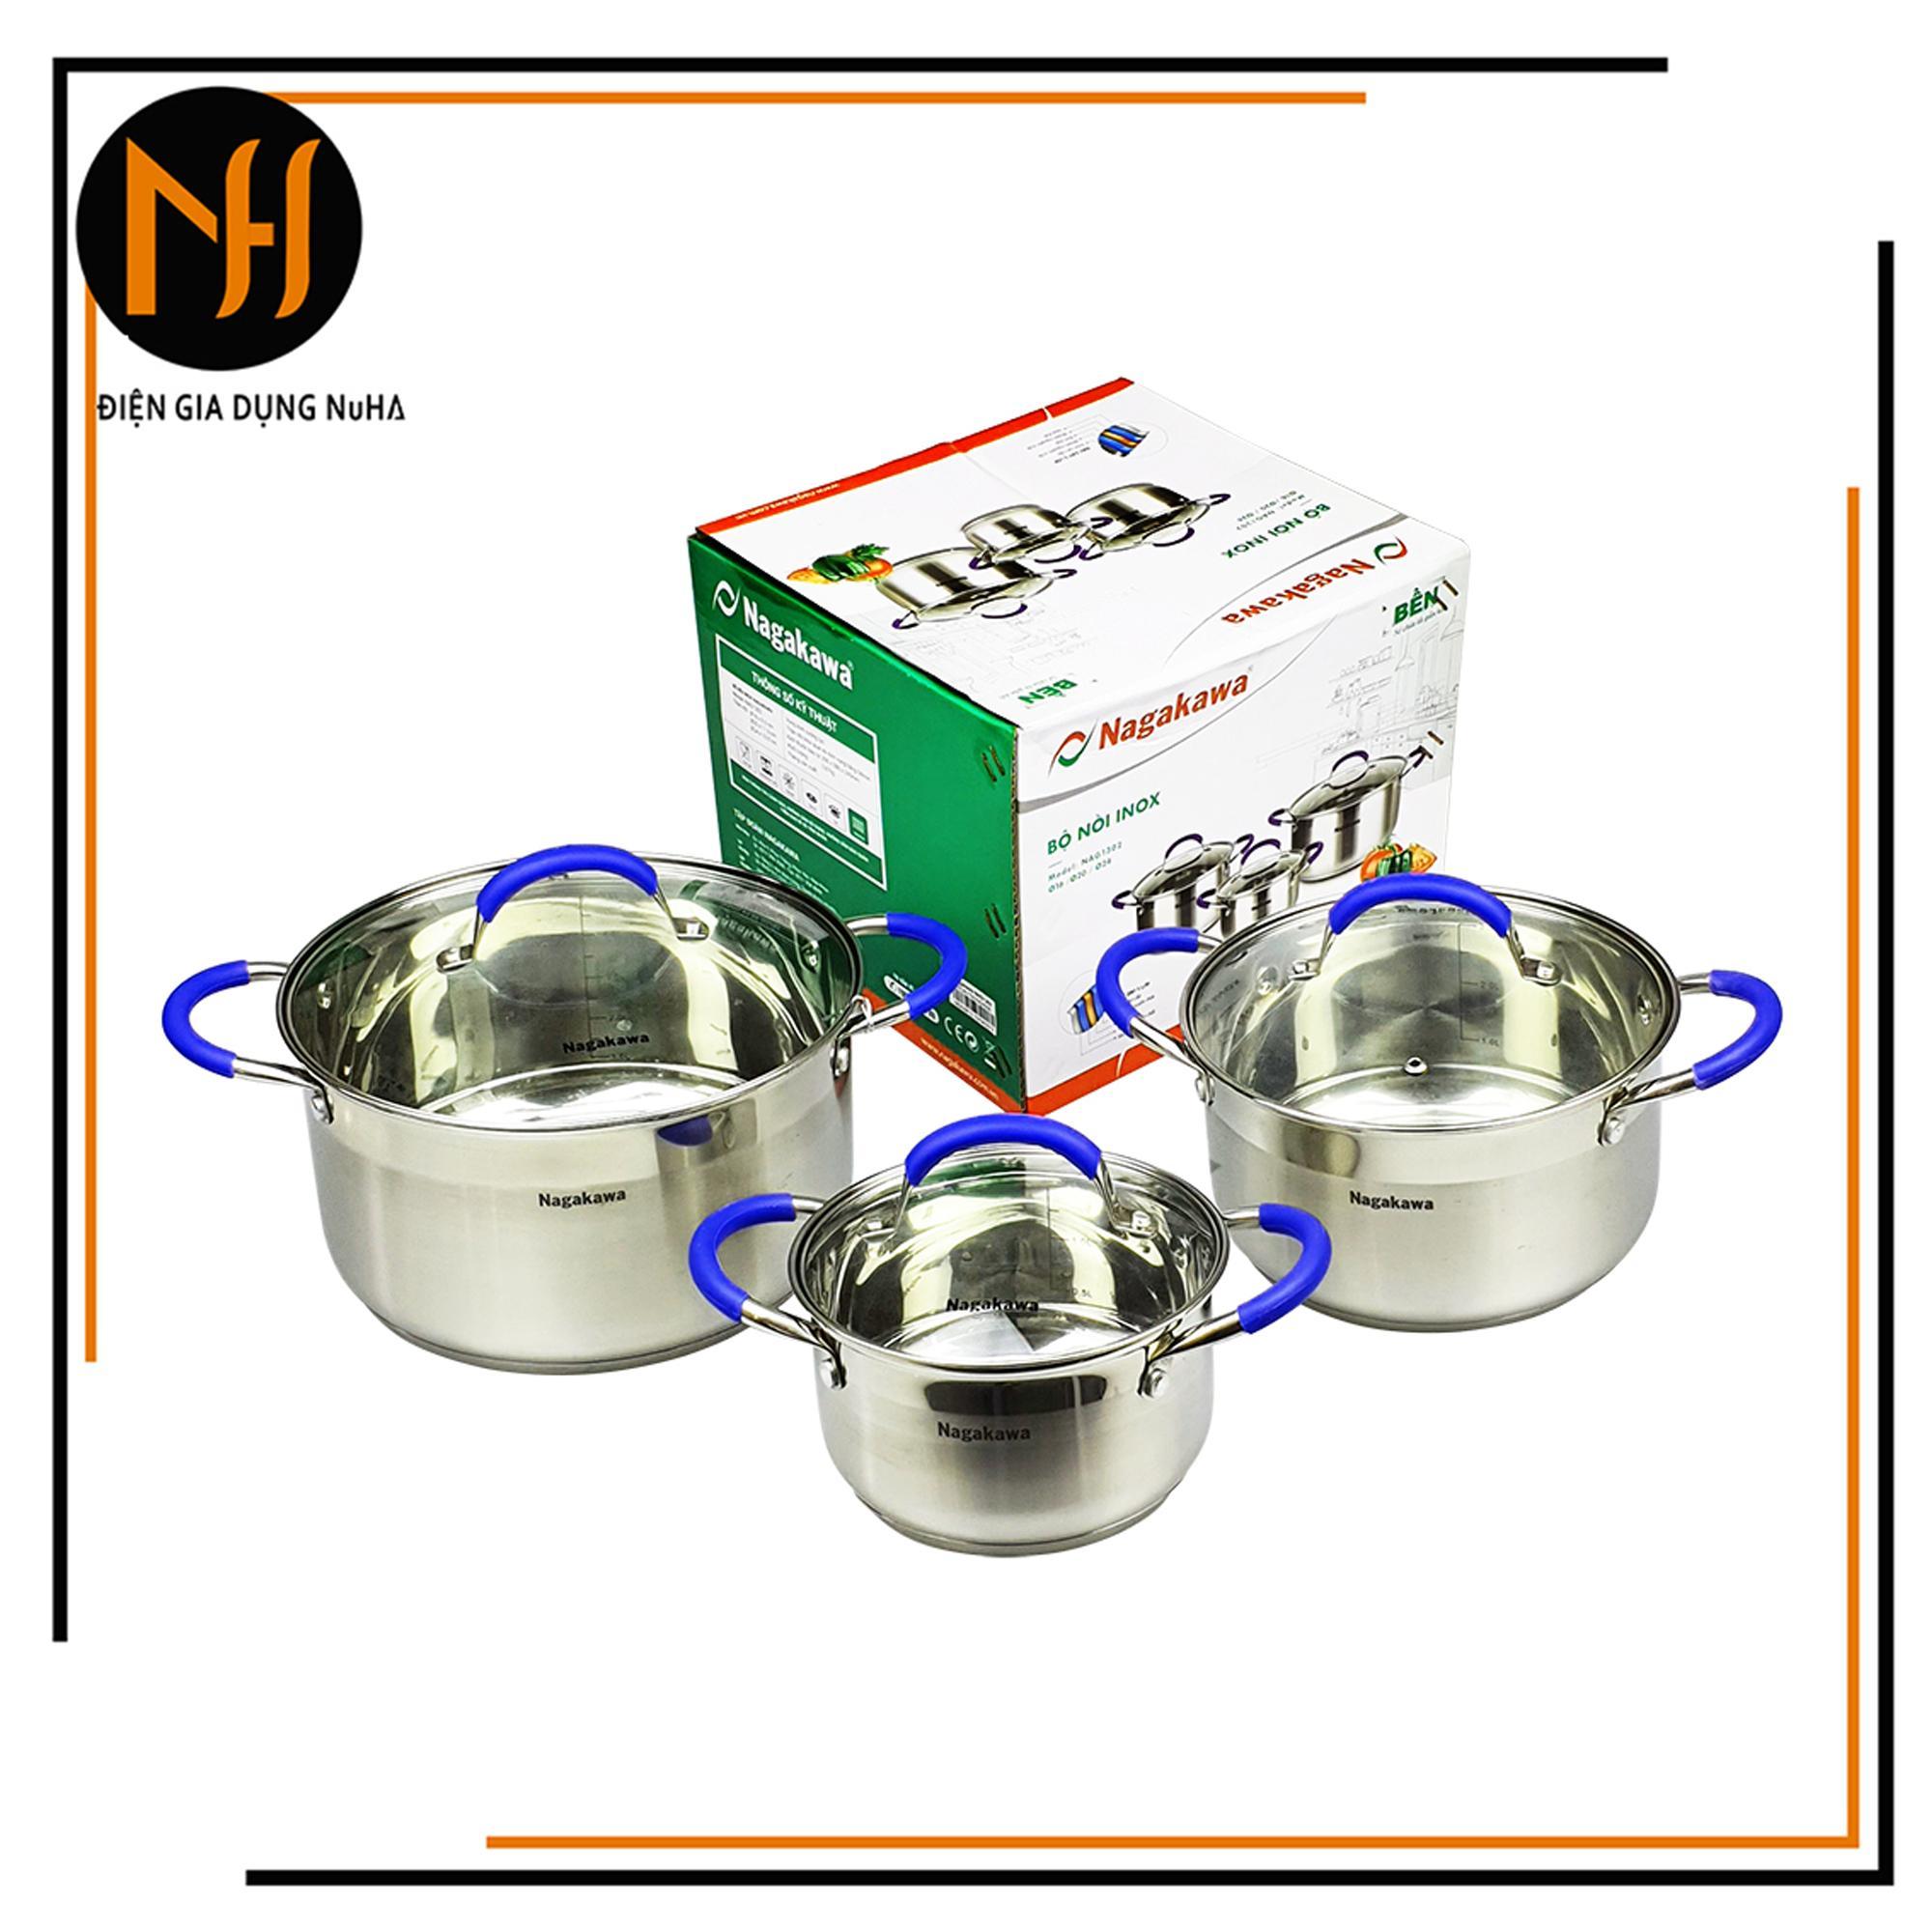 Bộ nồi inox 5 đáy từ Nagakawa NAG1302 quai núm silicon cách nhiệt gồm 3 chiếc (16-20-24cm) sử dụng được trên bếp điện từ